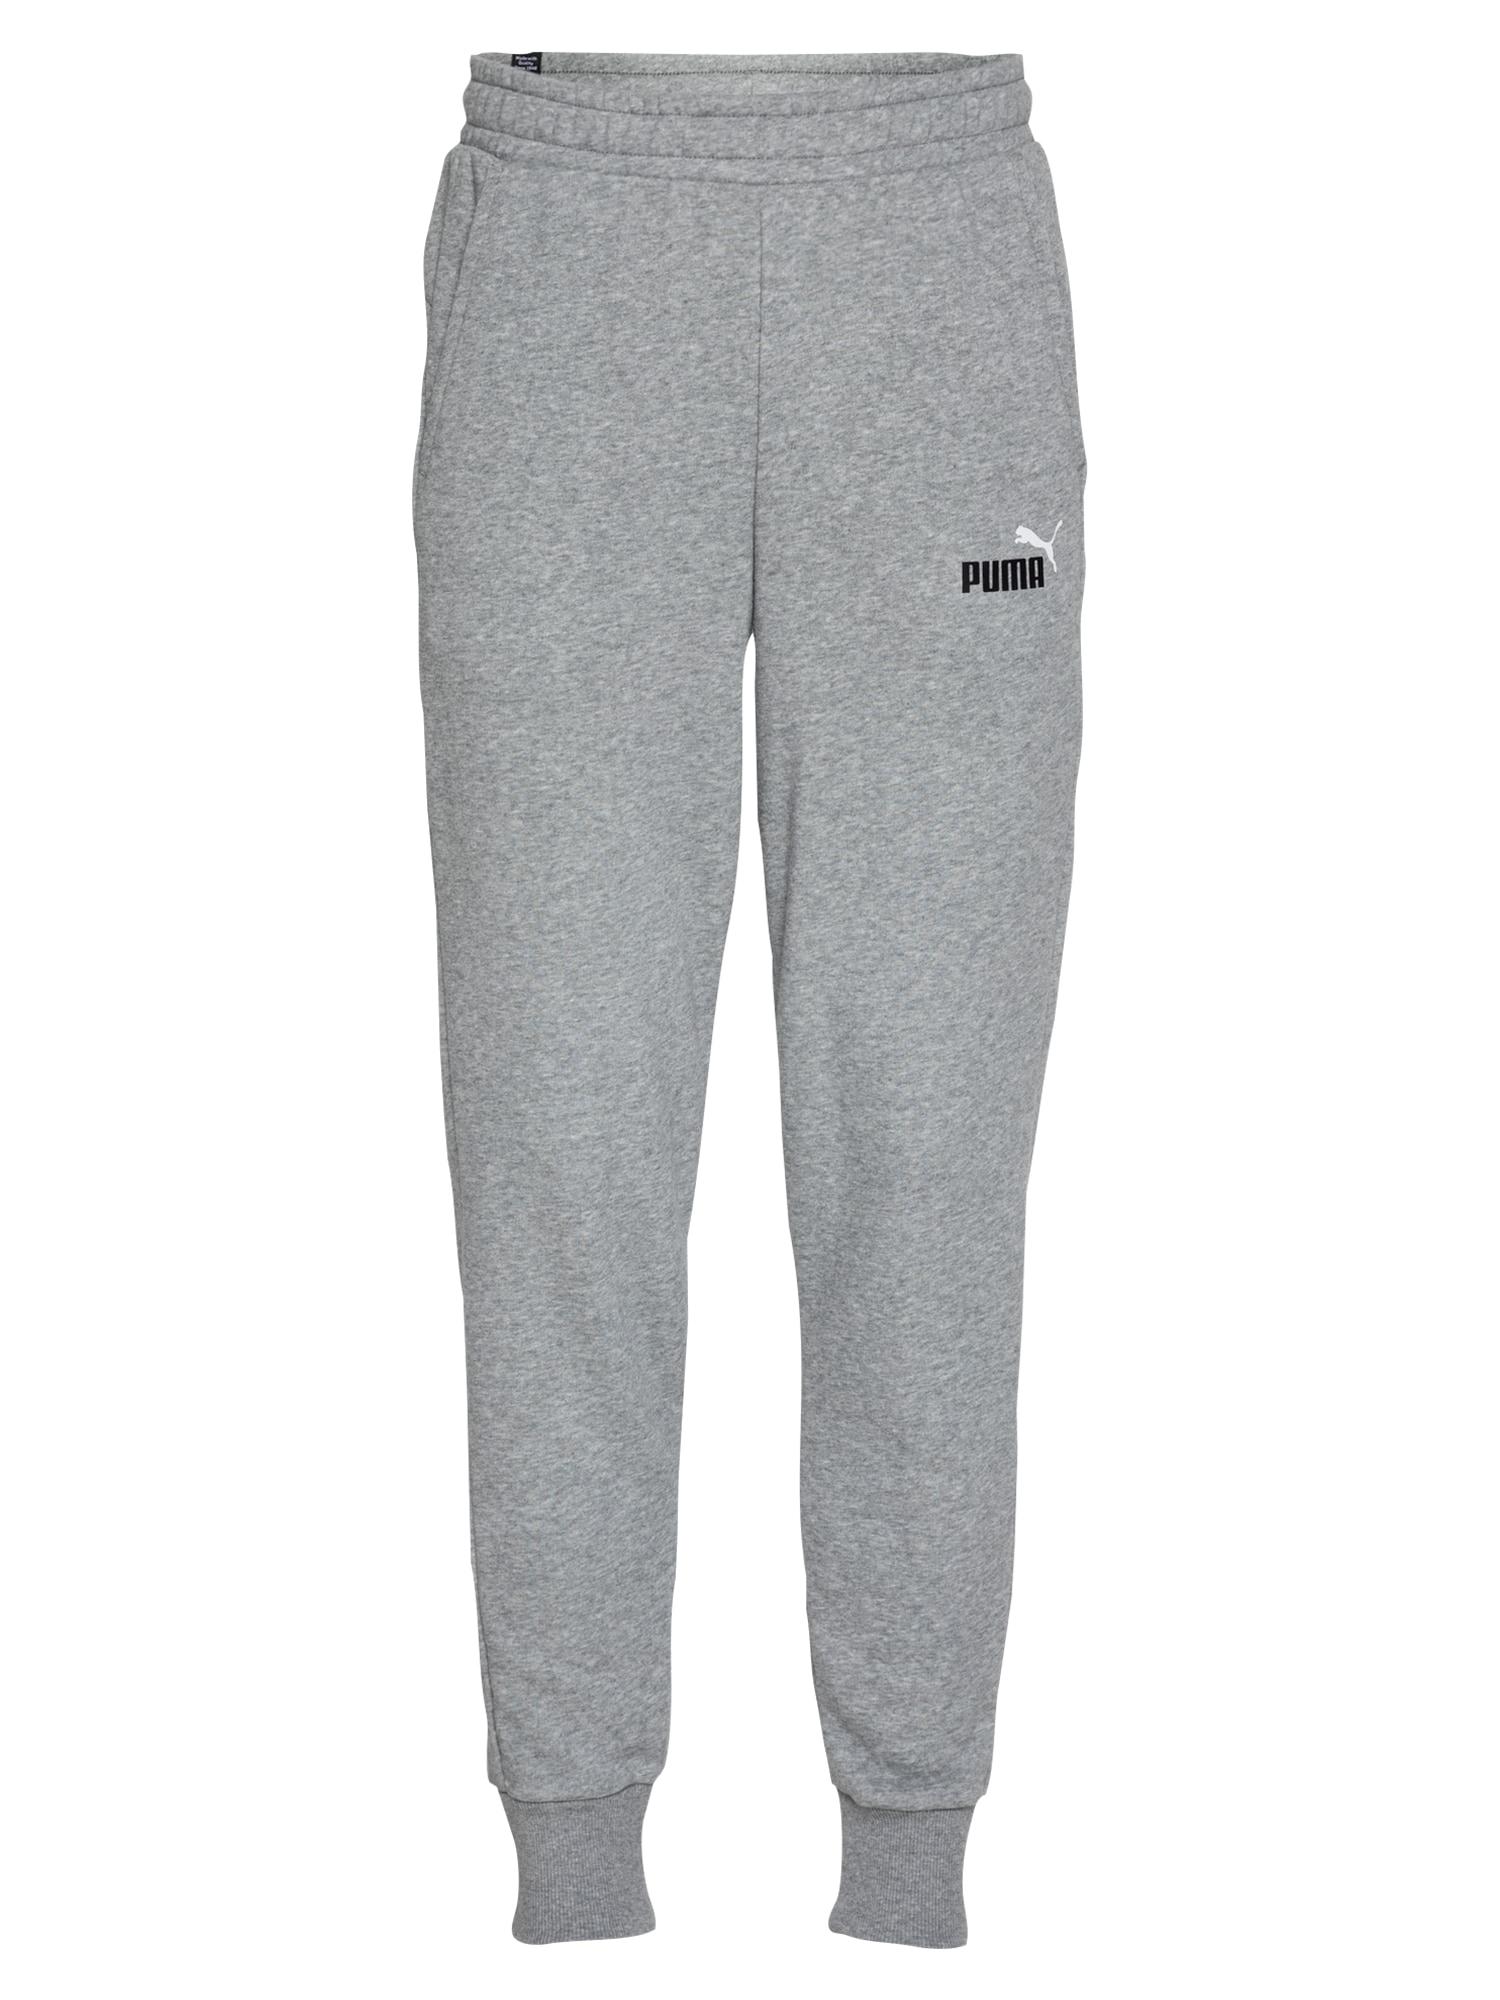 PUMA Sportinės kelnės margai pilka / juoda / balta